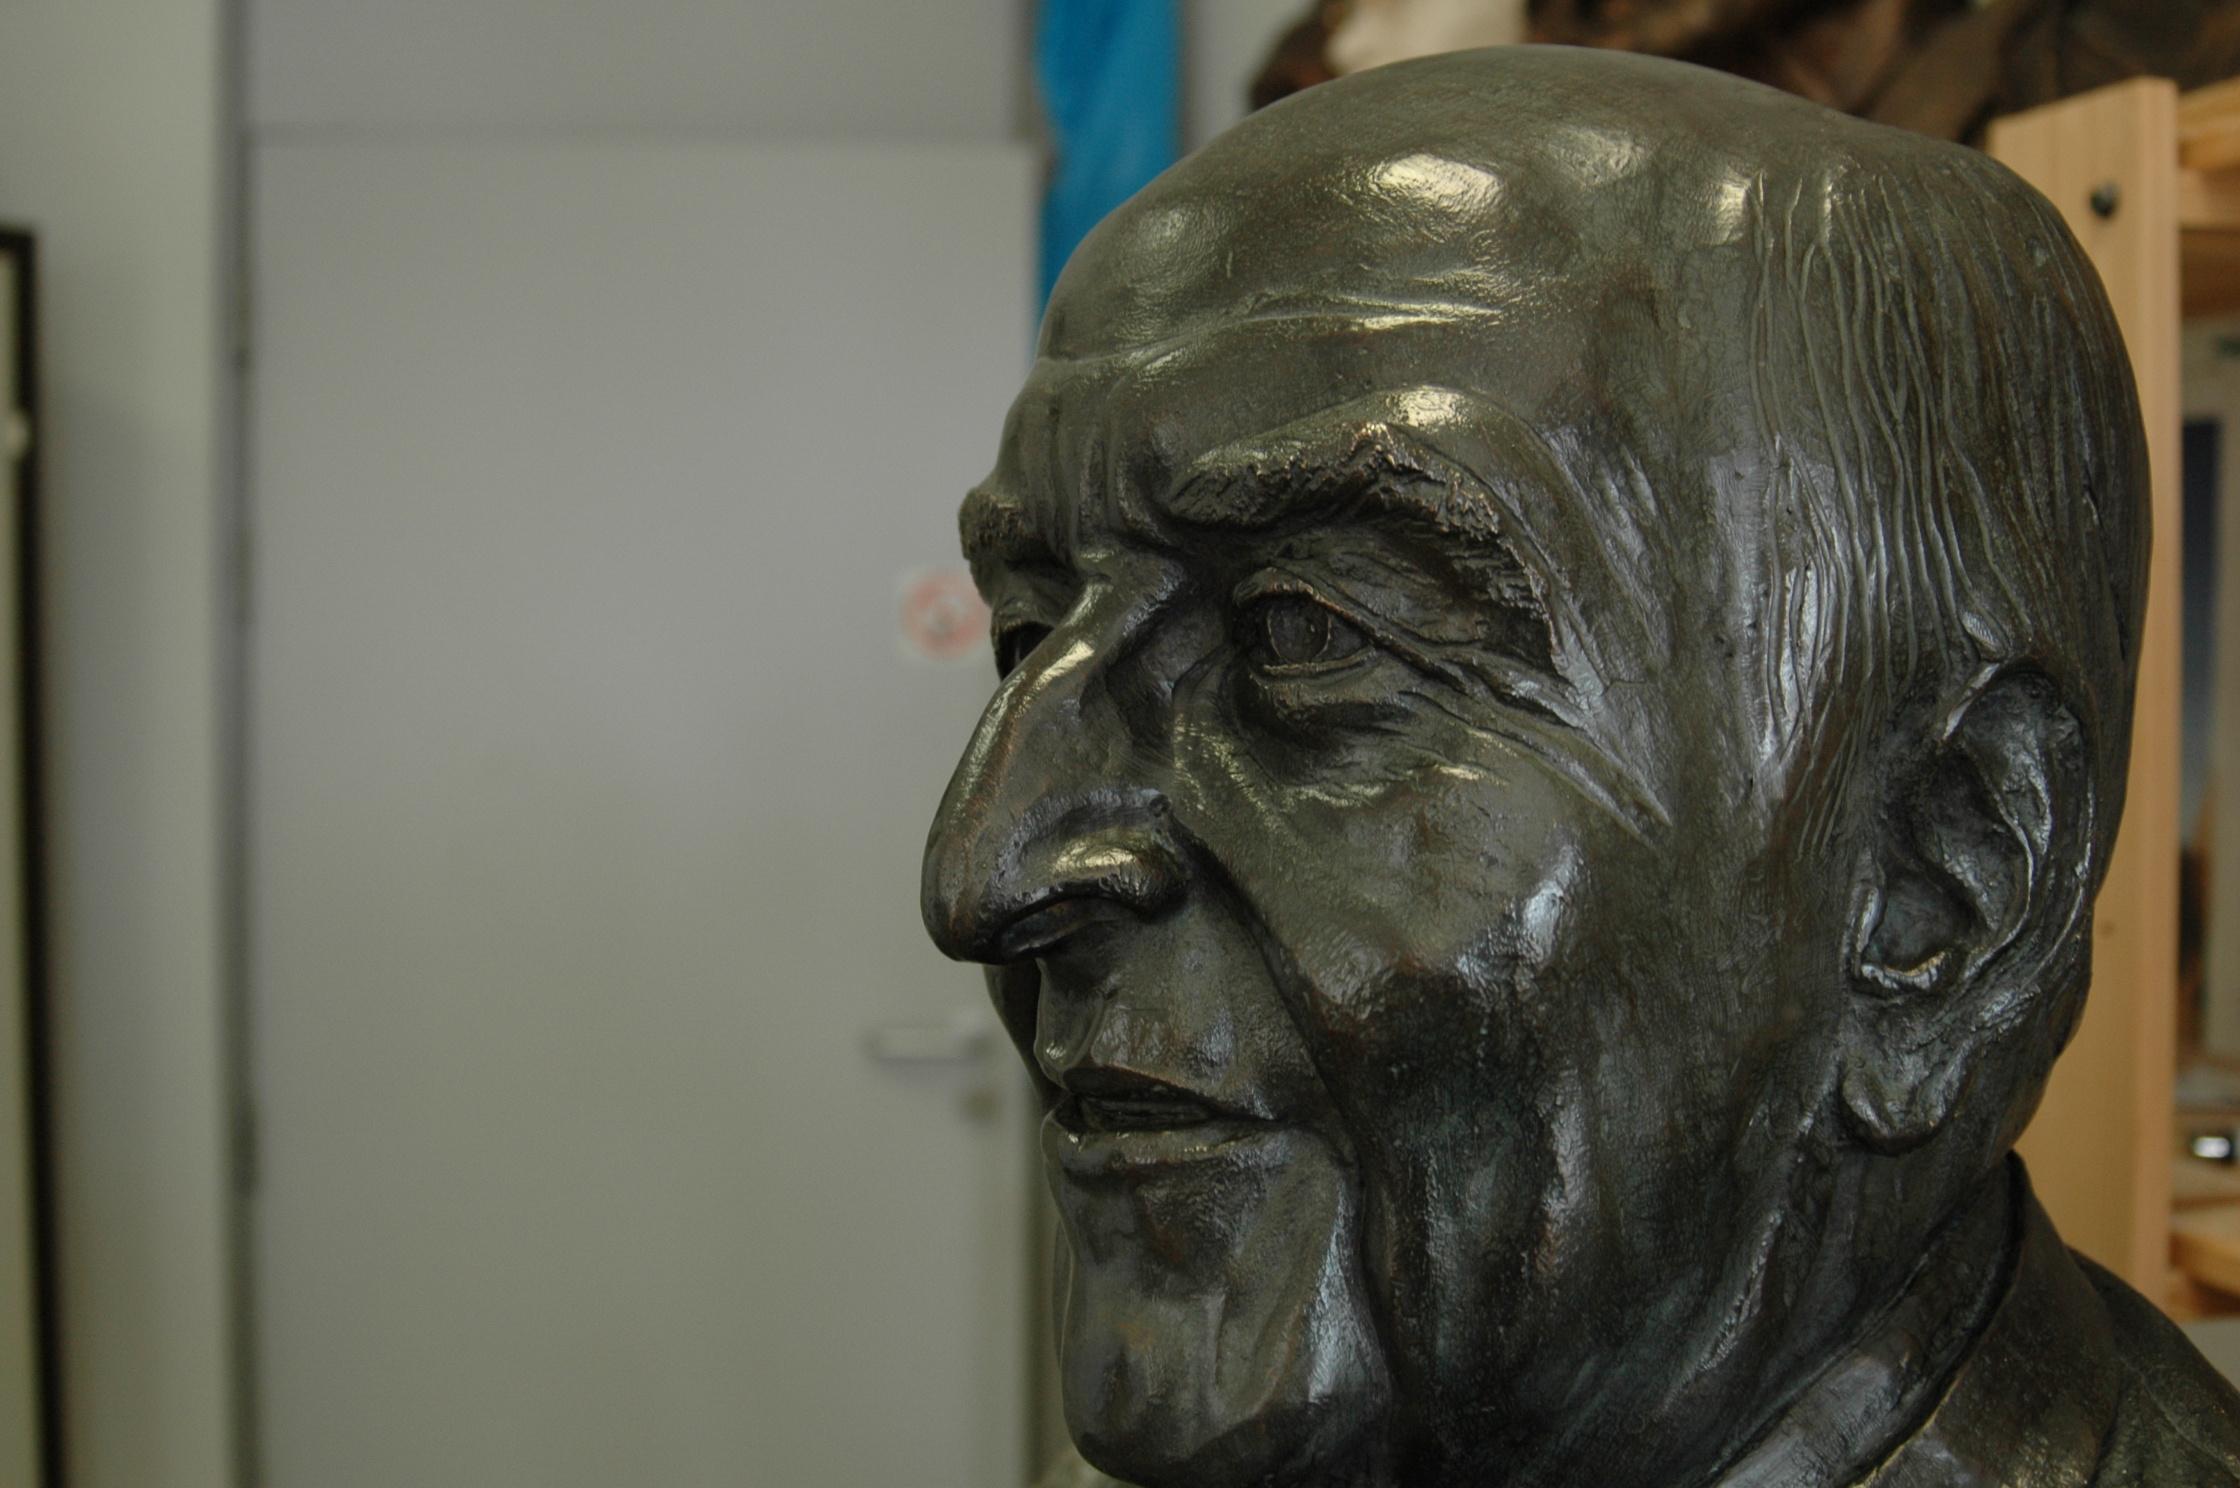 Borstbeeld-close-up-Lionel-Capriles-by-RAM